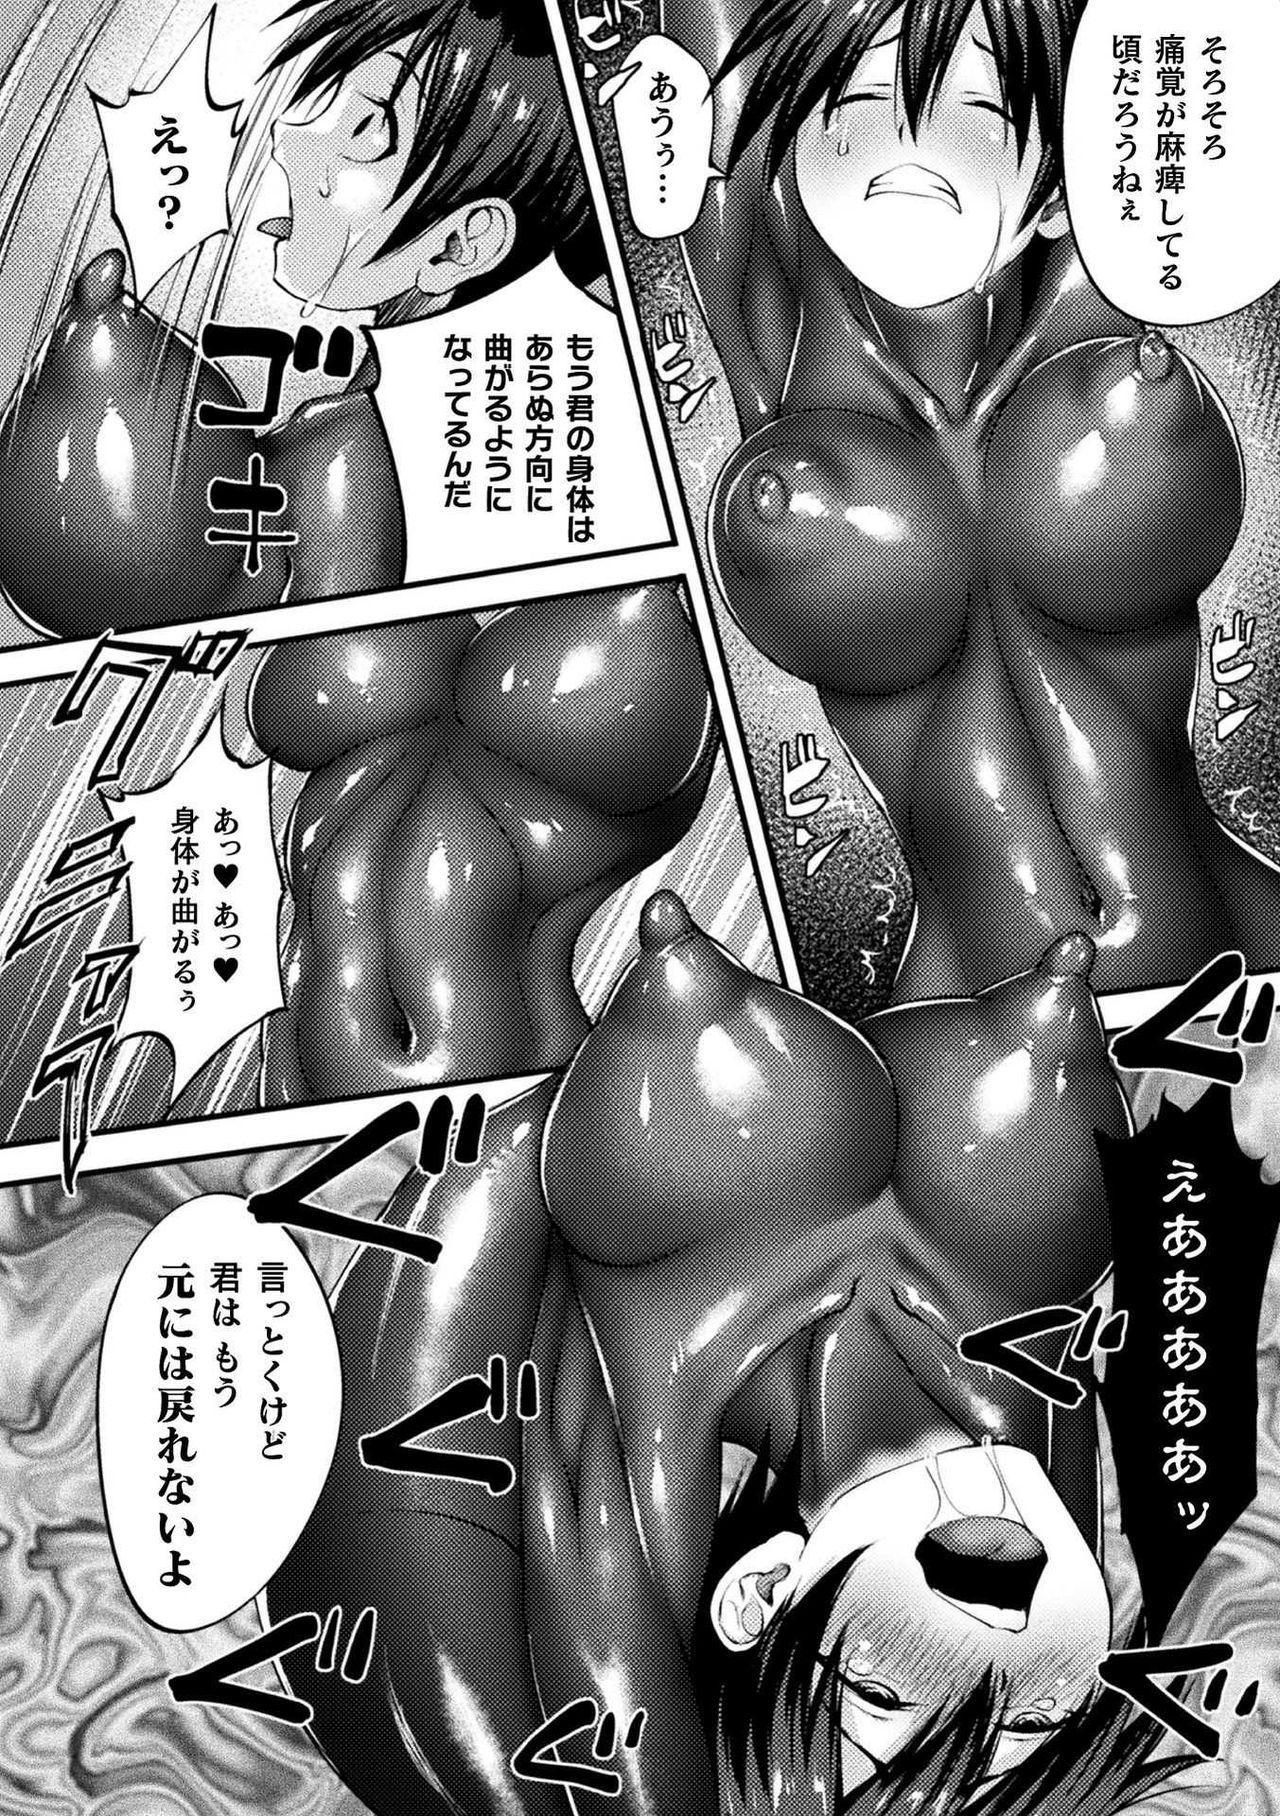 Bessatsu Comic Unreal Joutai Henka & Nikutai Kaizou Hen Vol. 2 29